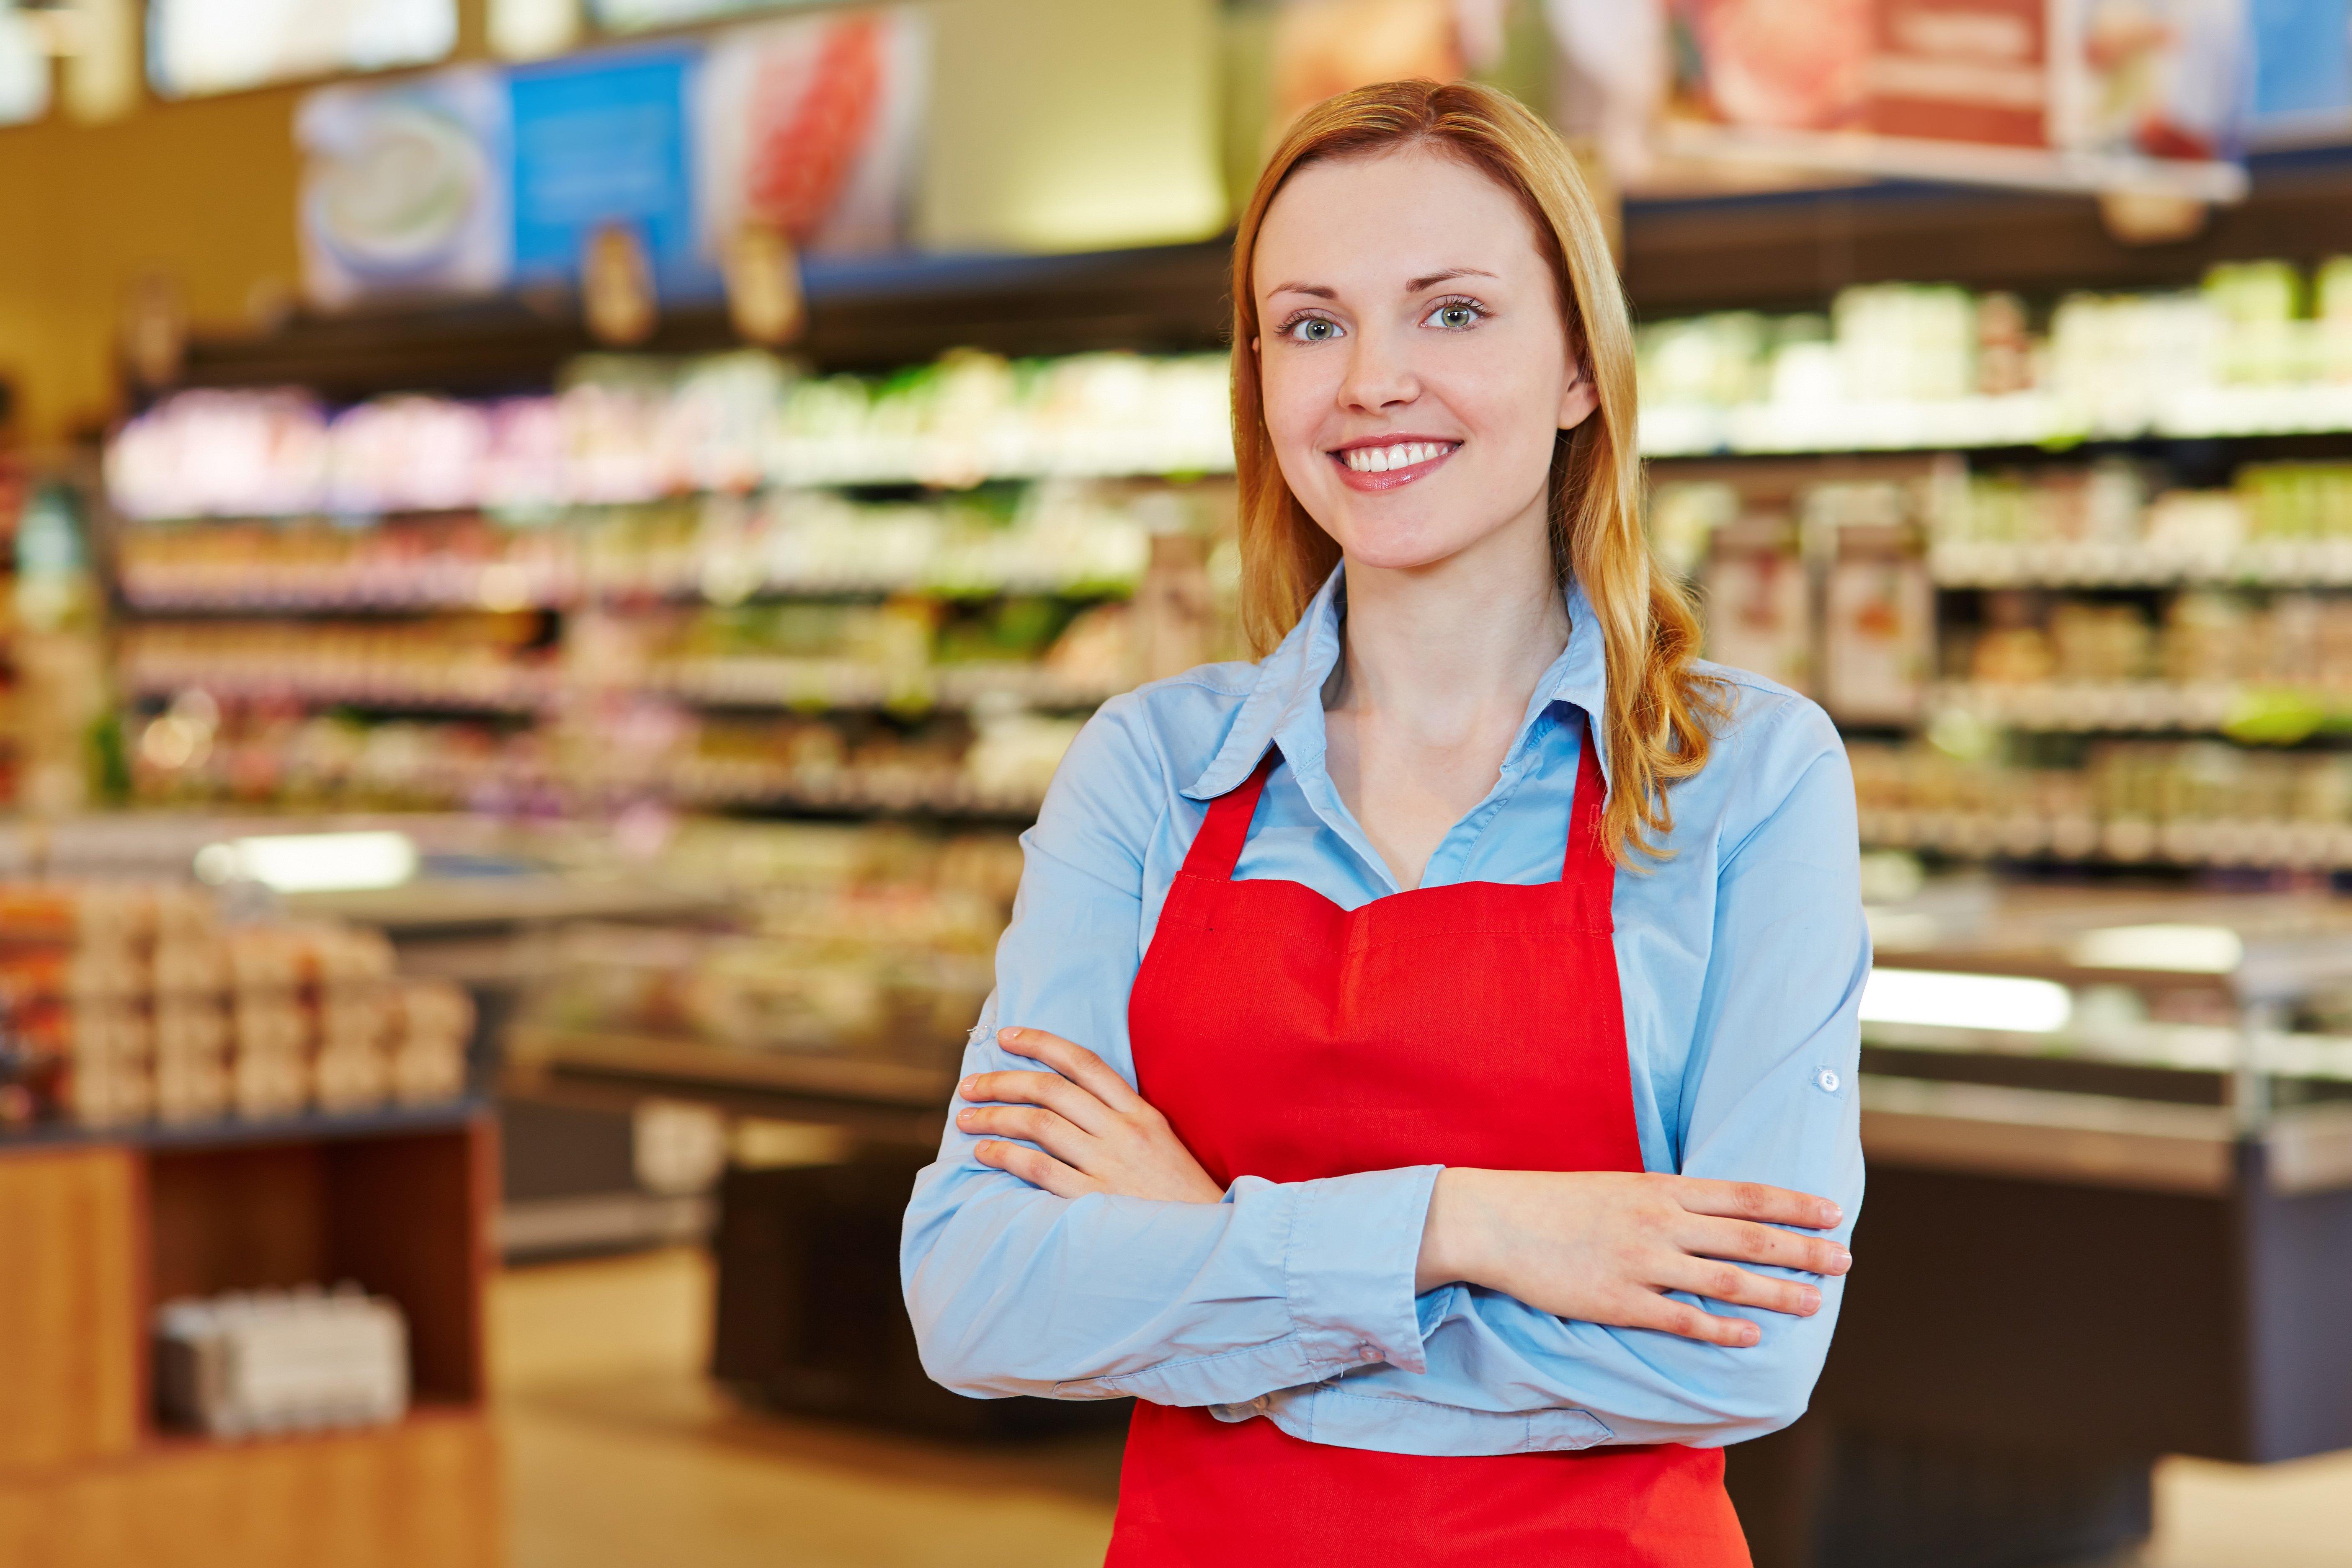 Junge Verkäuferin mit Schürze steht lächelnd im Supermarkt